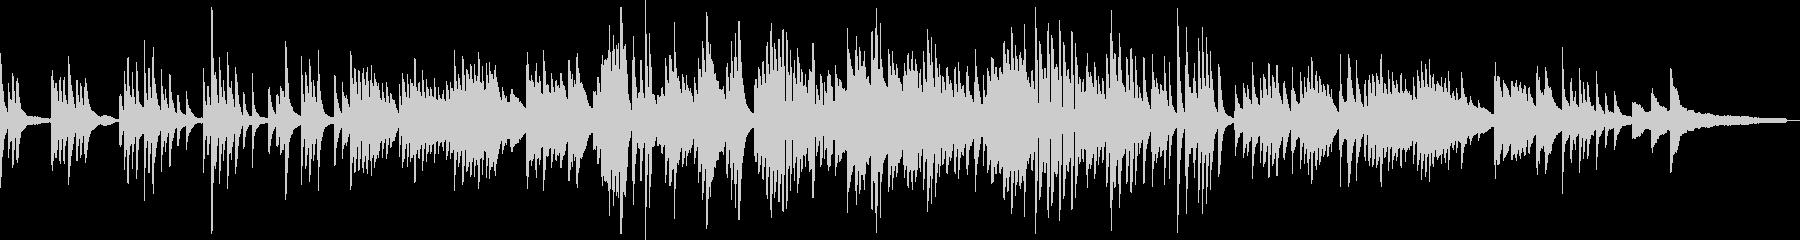 わらべ歌のような和風音楽-ピアノソロの未再生の波形